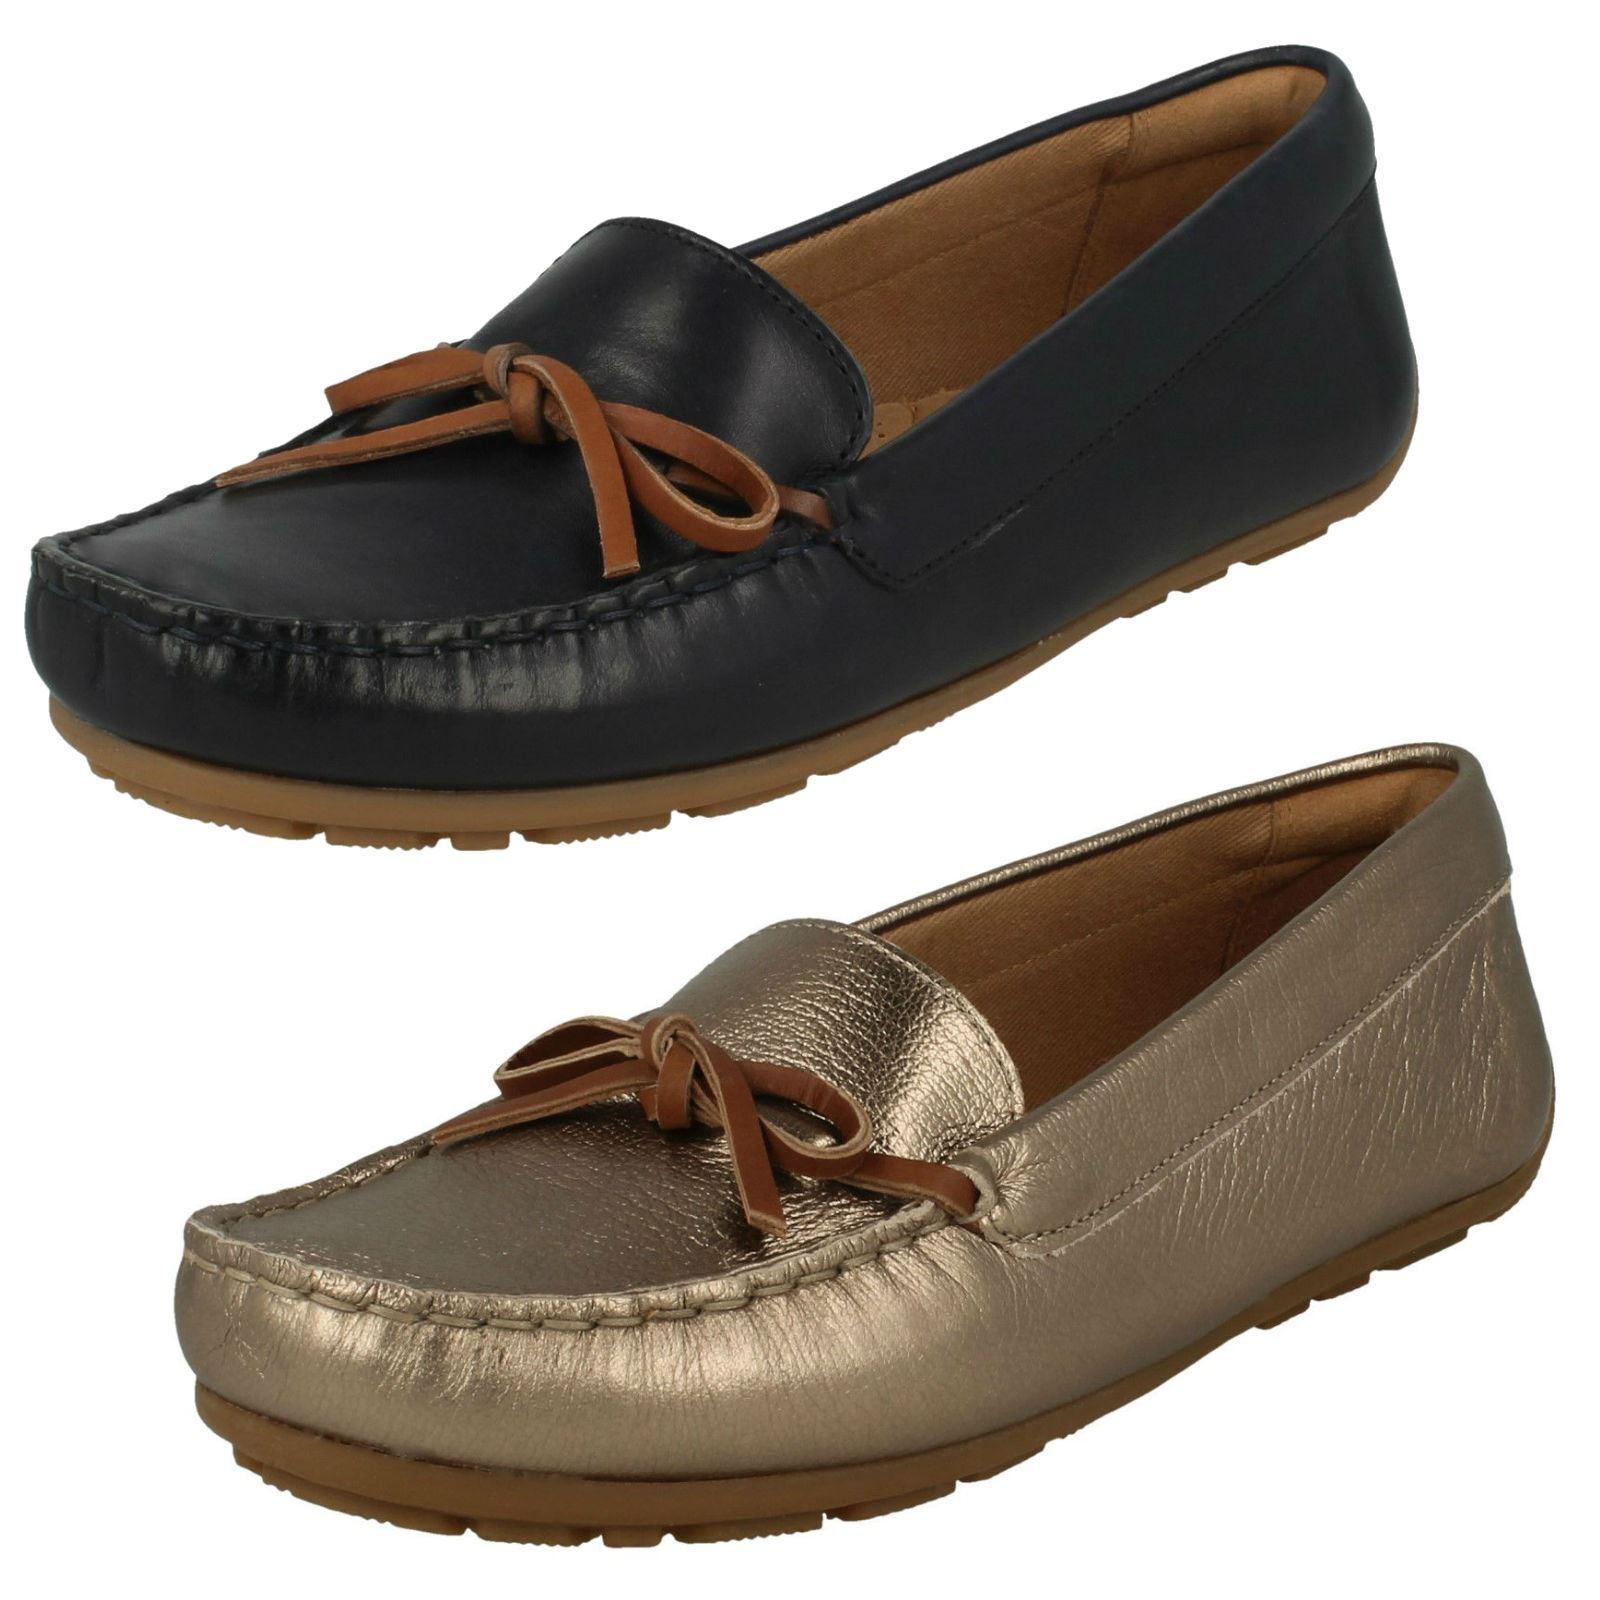 Zapatos de mujer baratos zapatos de mujer Descuento por tiempo limitado Damas Clarks Zapatos ESTILO MOCASÍN, Columpio dameo